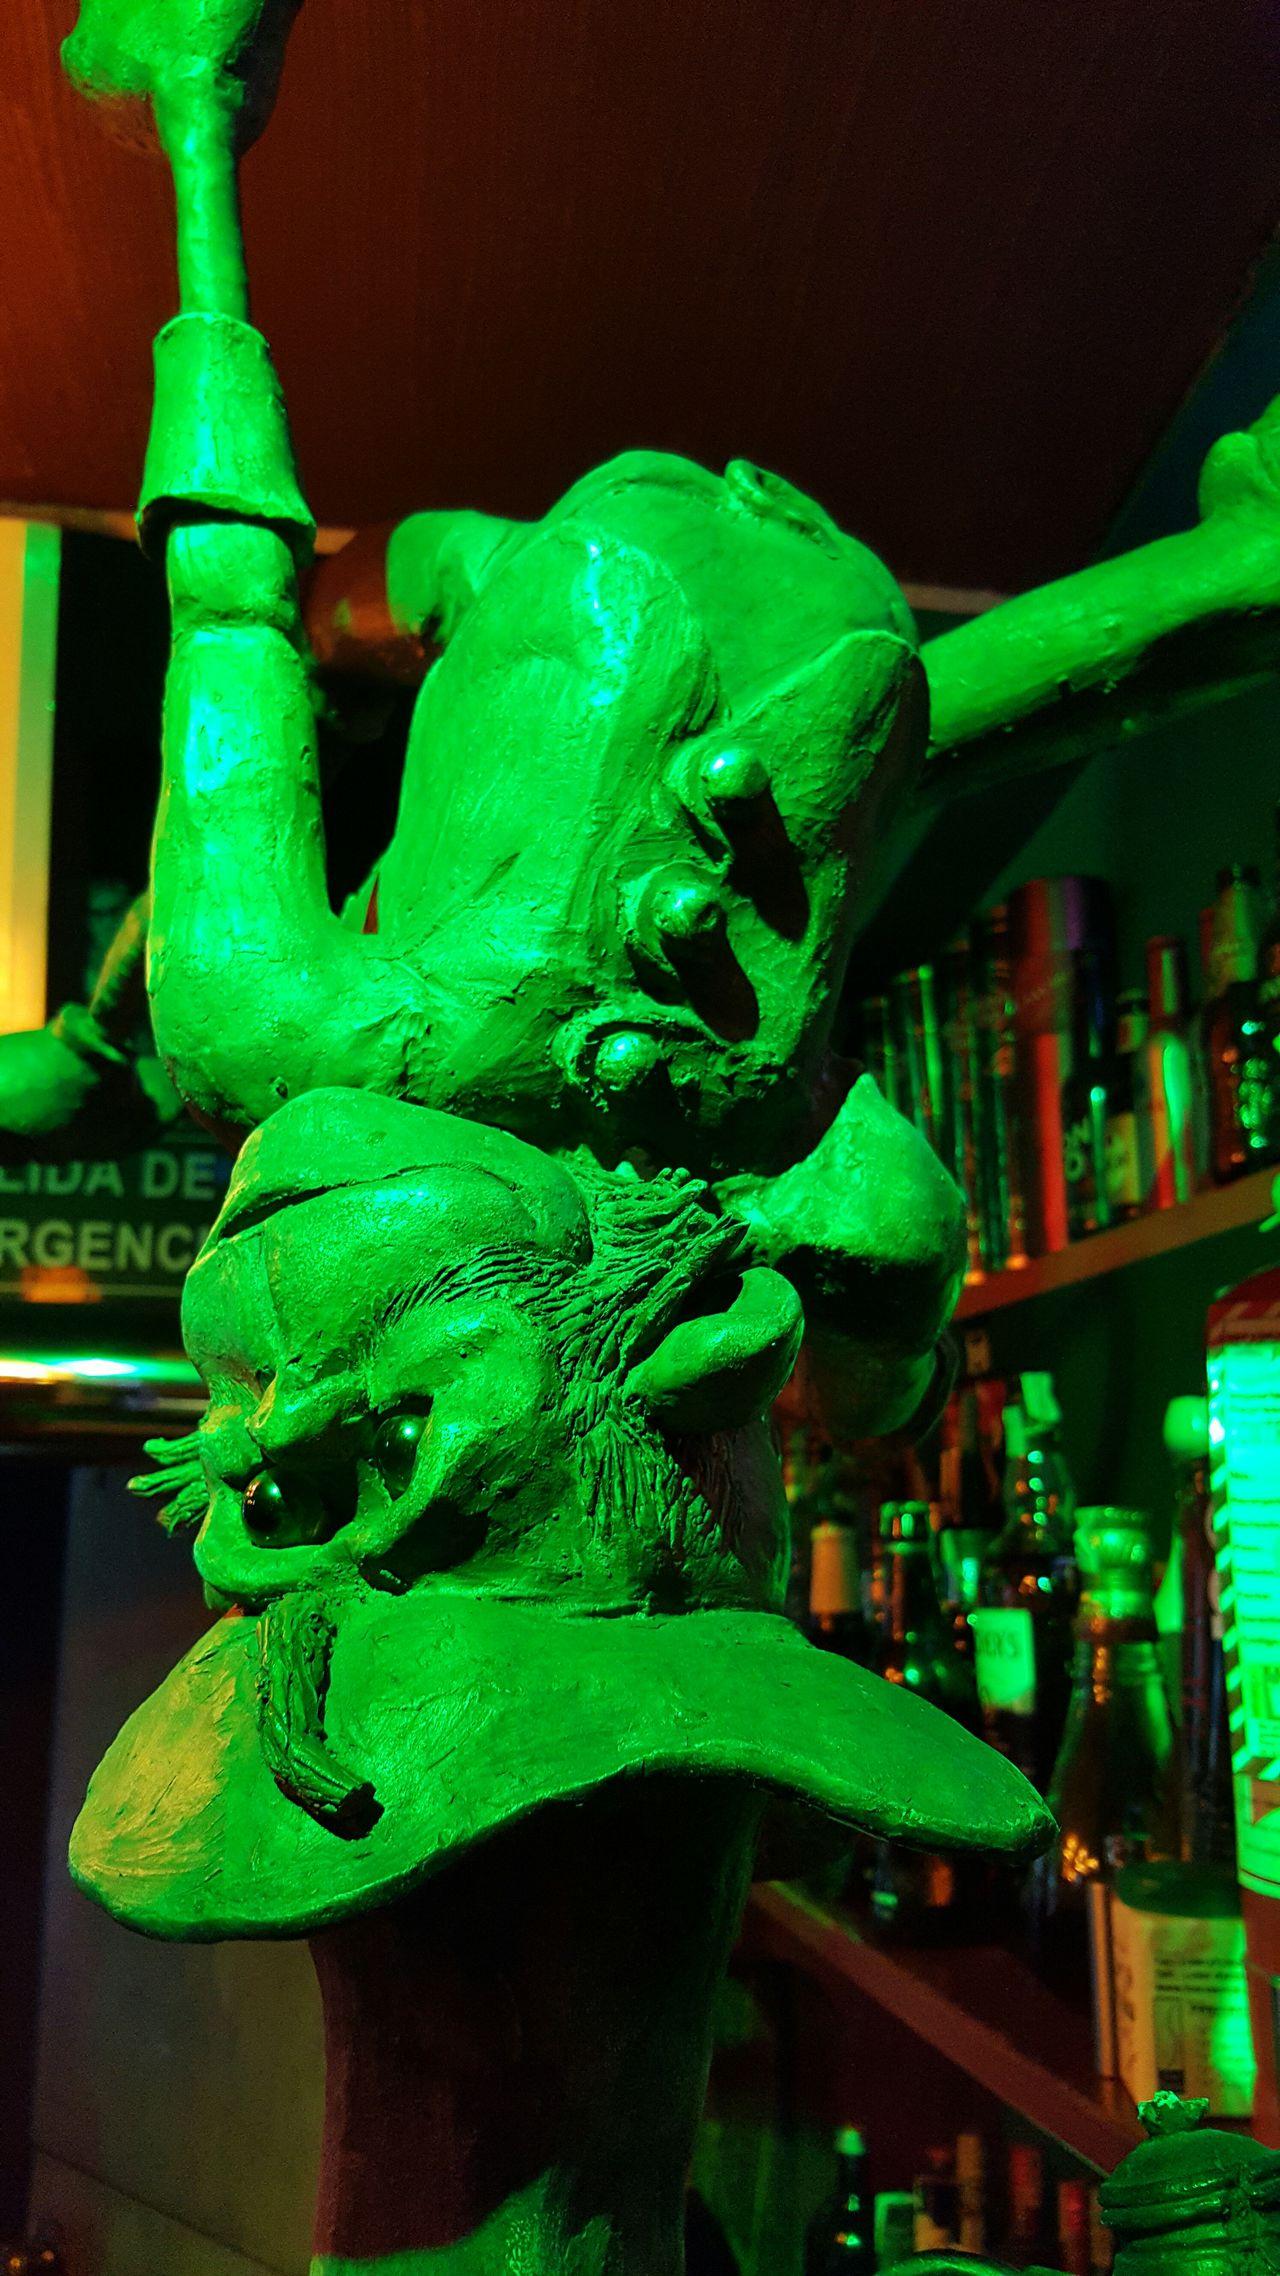 Green Color No People Close-up Sculpture Statue Green Elf La Paz, Bolivia Indoors  Night Irish Pub Elf Goblin Elve Green Color